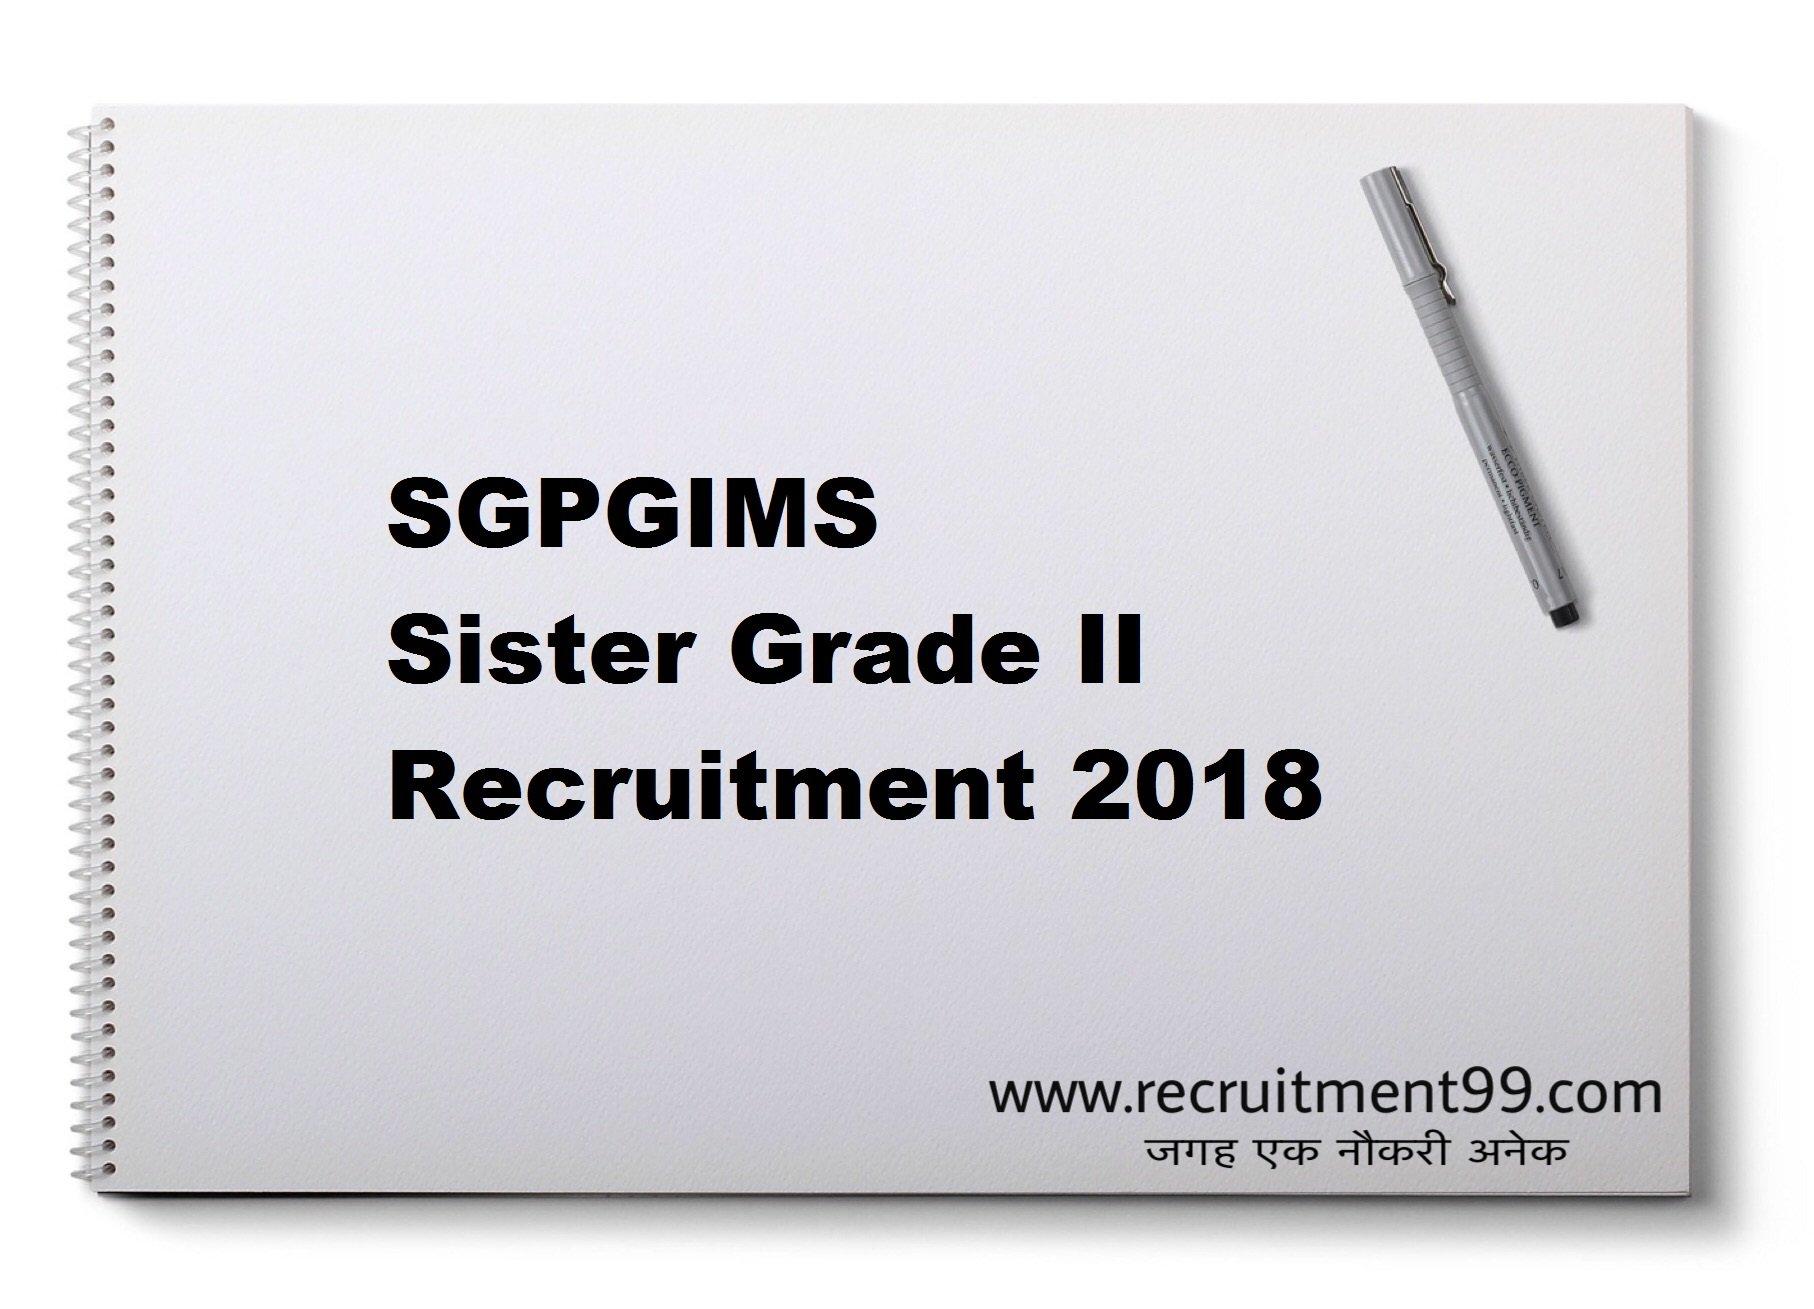 SGPGI Sister Grade II Recruitment Admit Card Result 2018